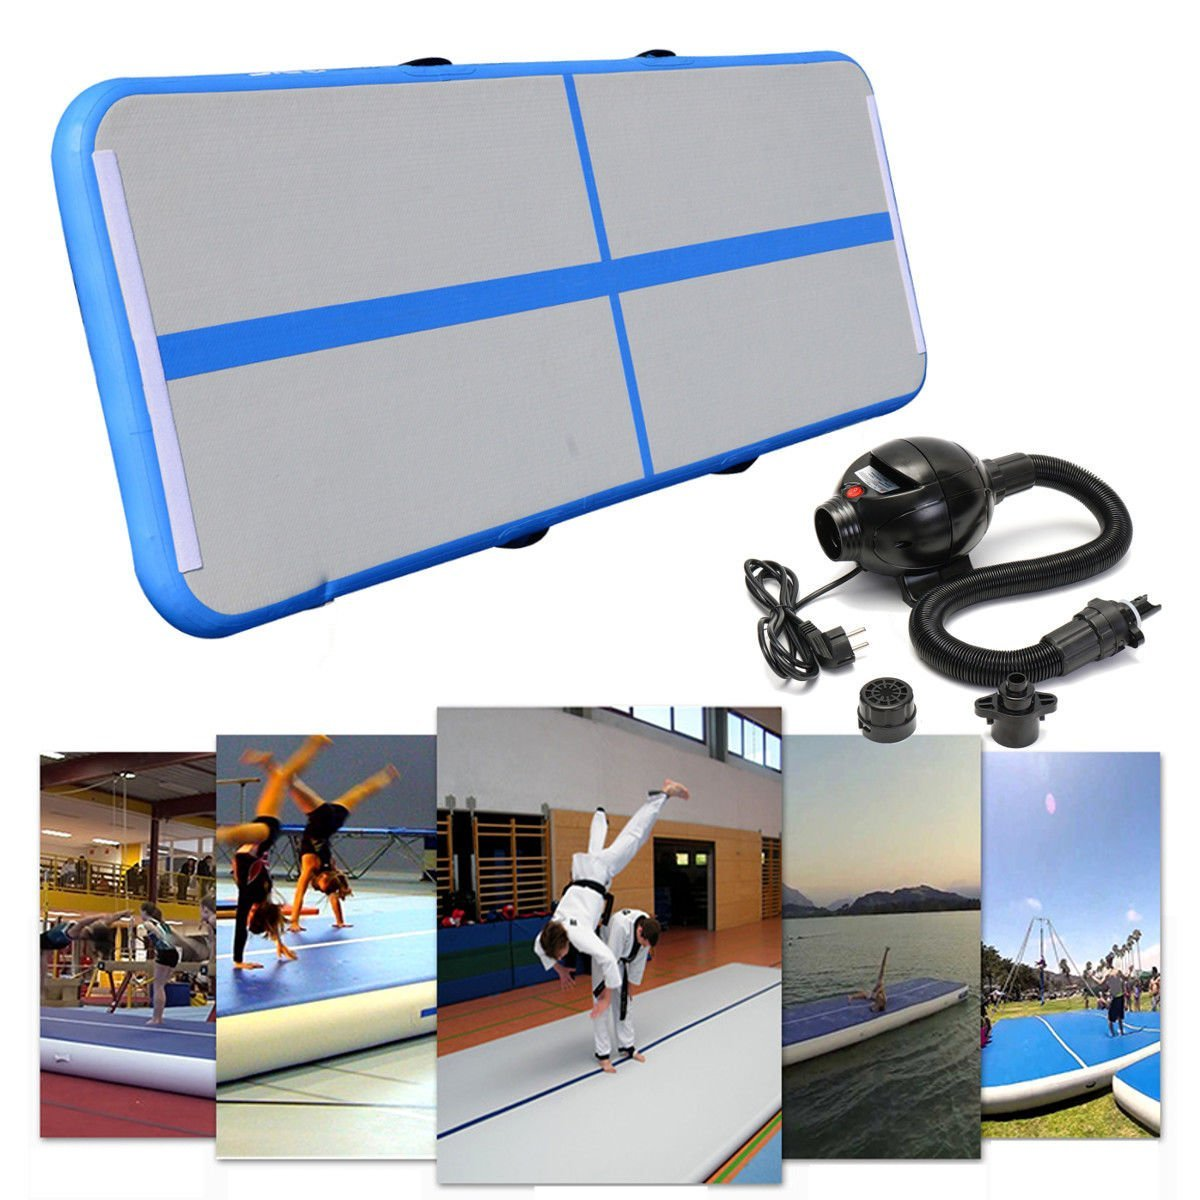 Inflable gimnasia AirTrack cayendo aire Piso 5 m trampolín eléctrico de la bomba de aire para el uso en el hogar/formación/animadoras /playa - 5